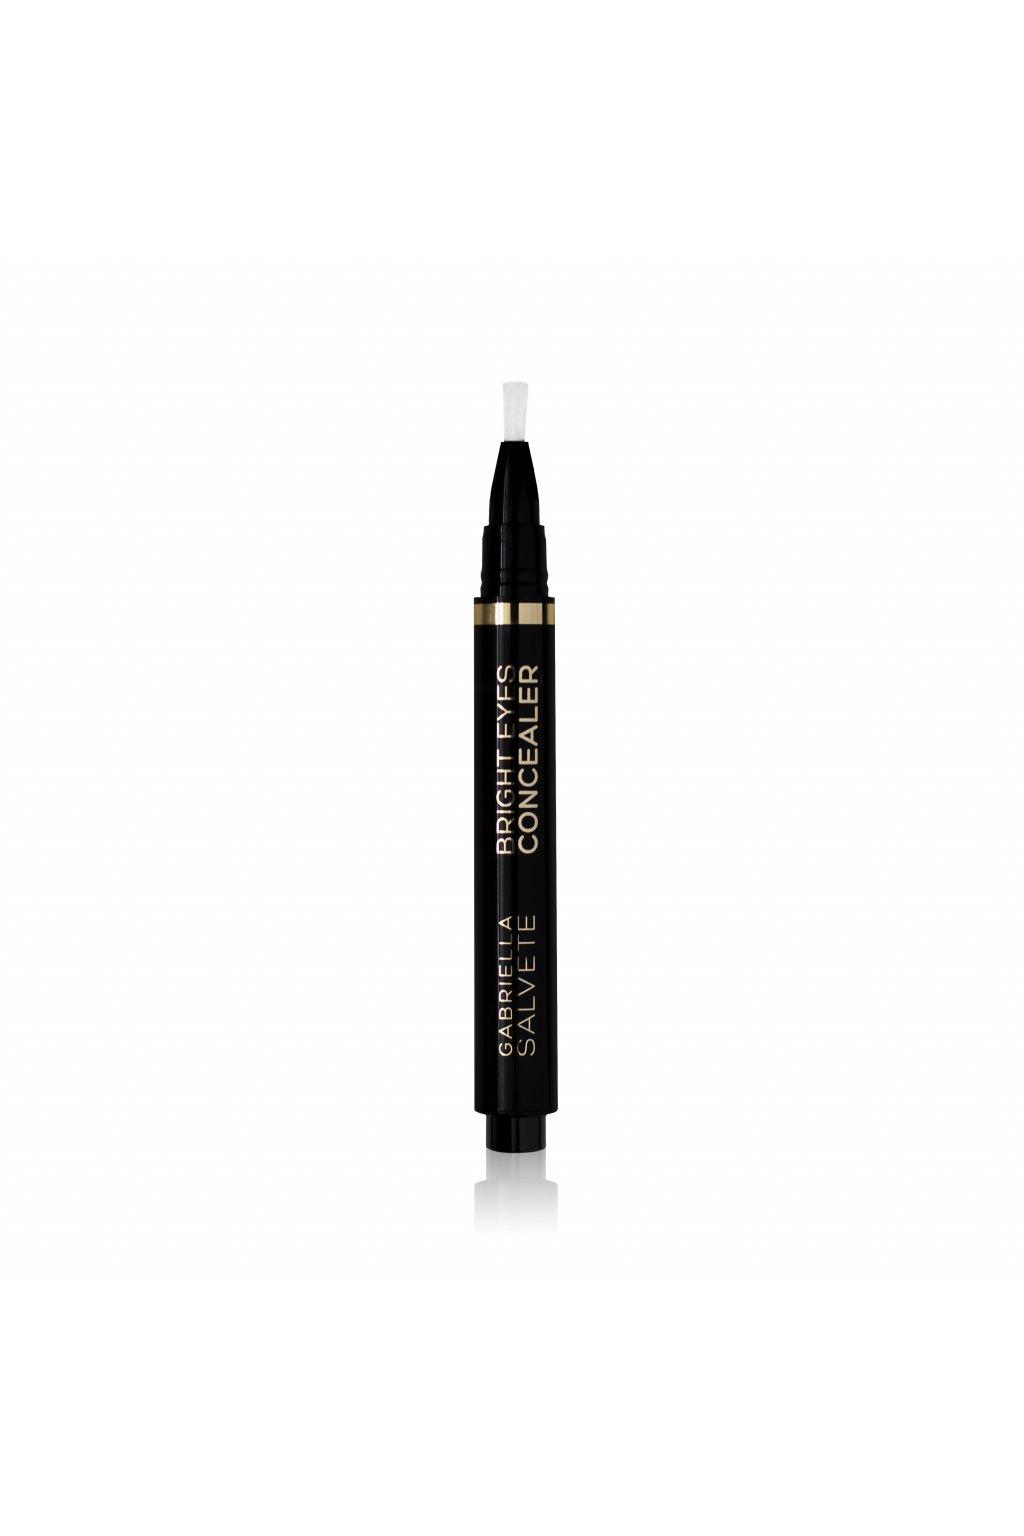 gabriella salvete bright eyes concealer korektor pro zeny 2 5 ml odstin 02